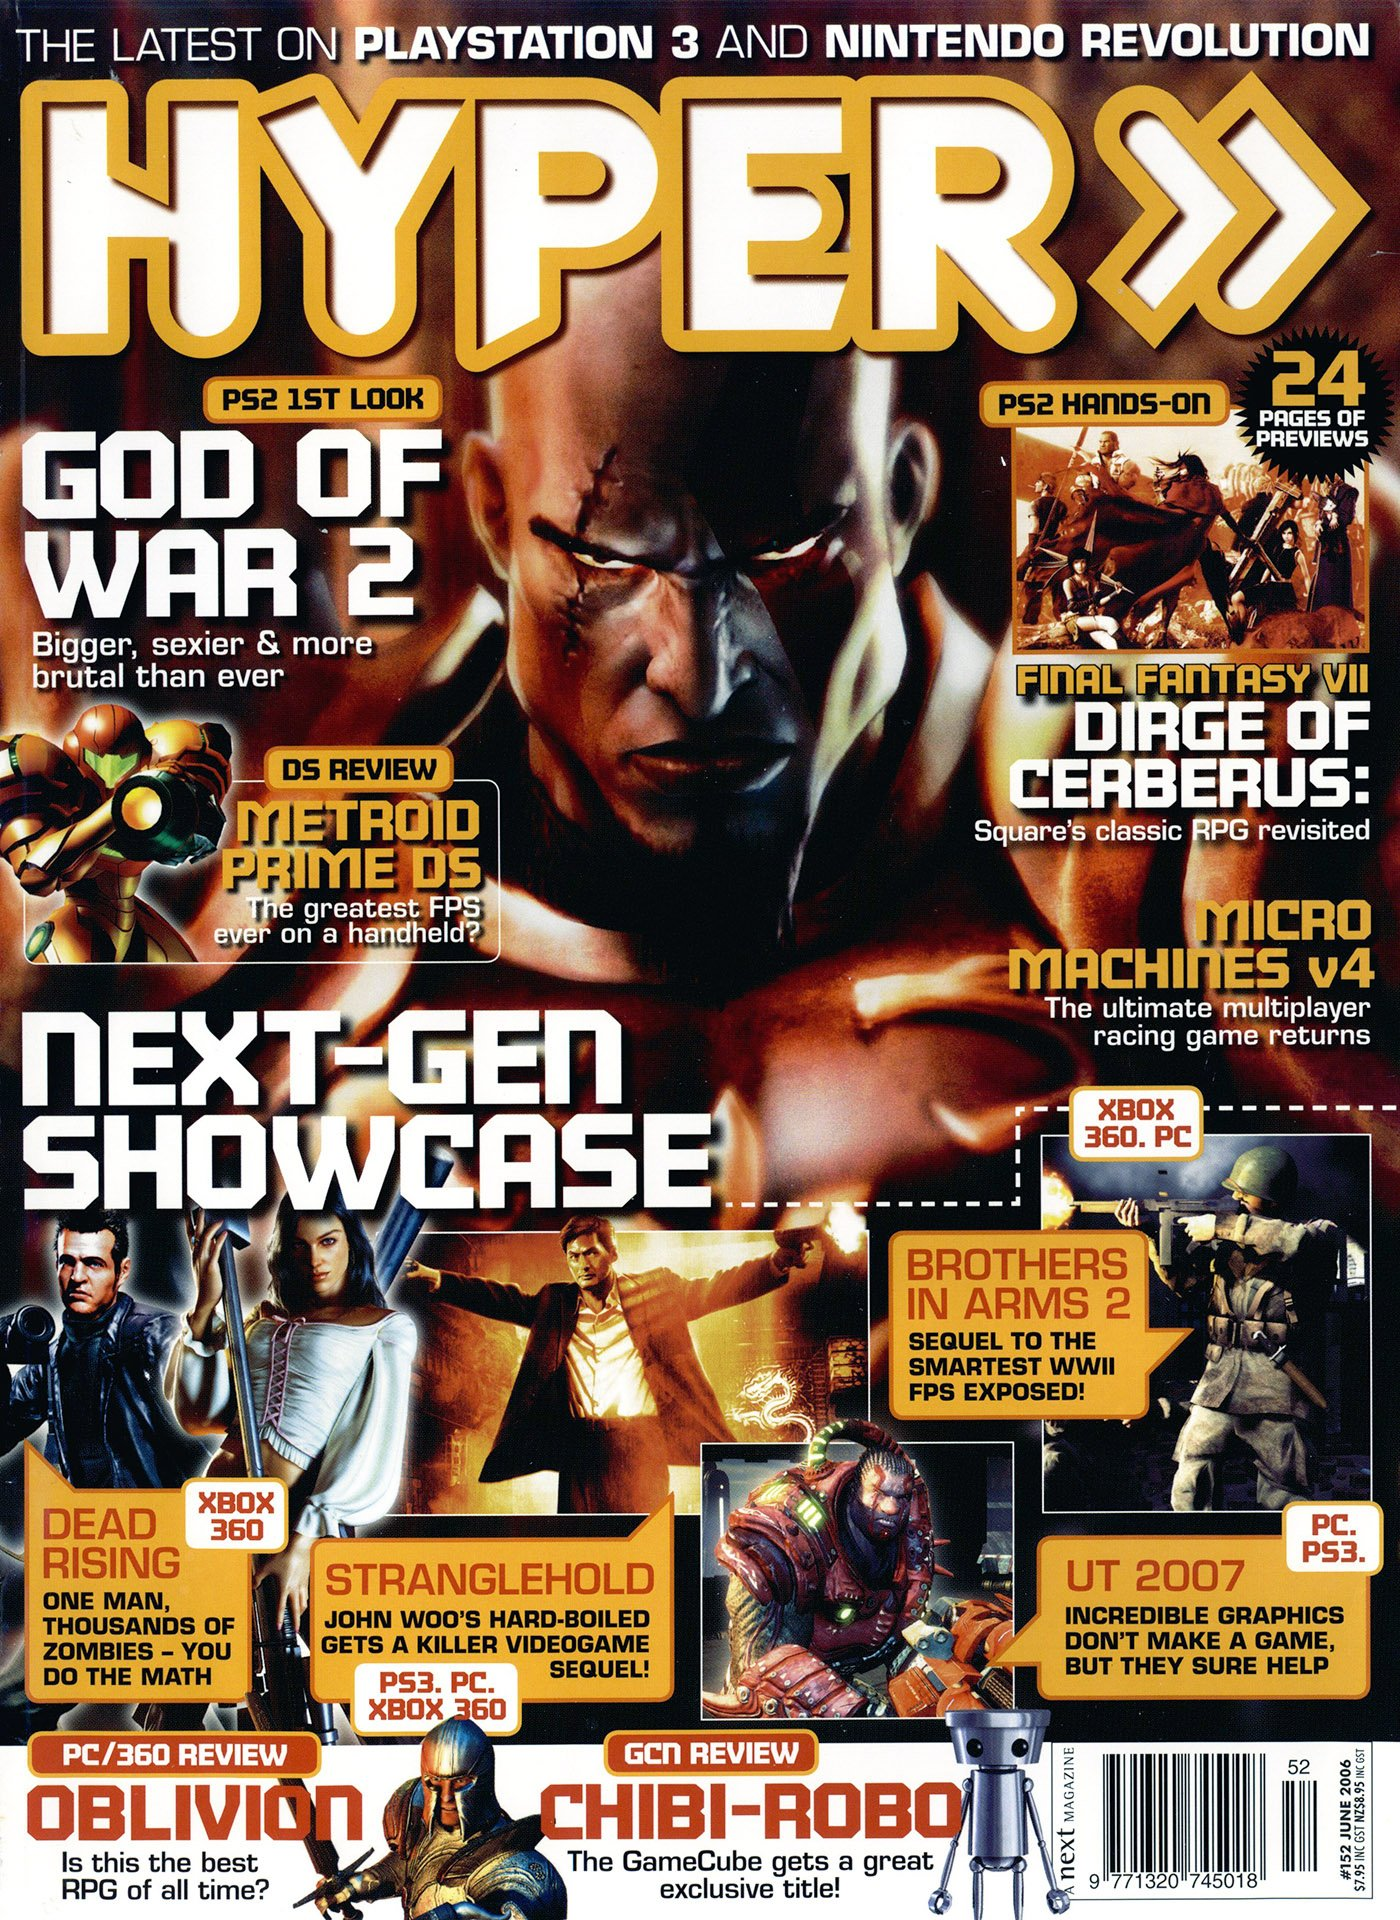 Hyper 152 (June 2006)